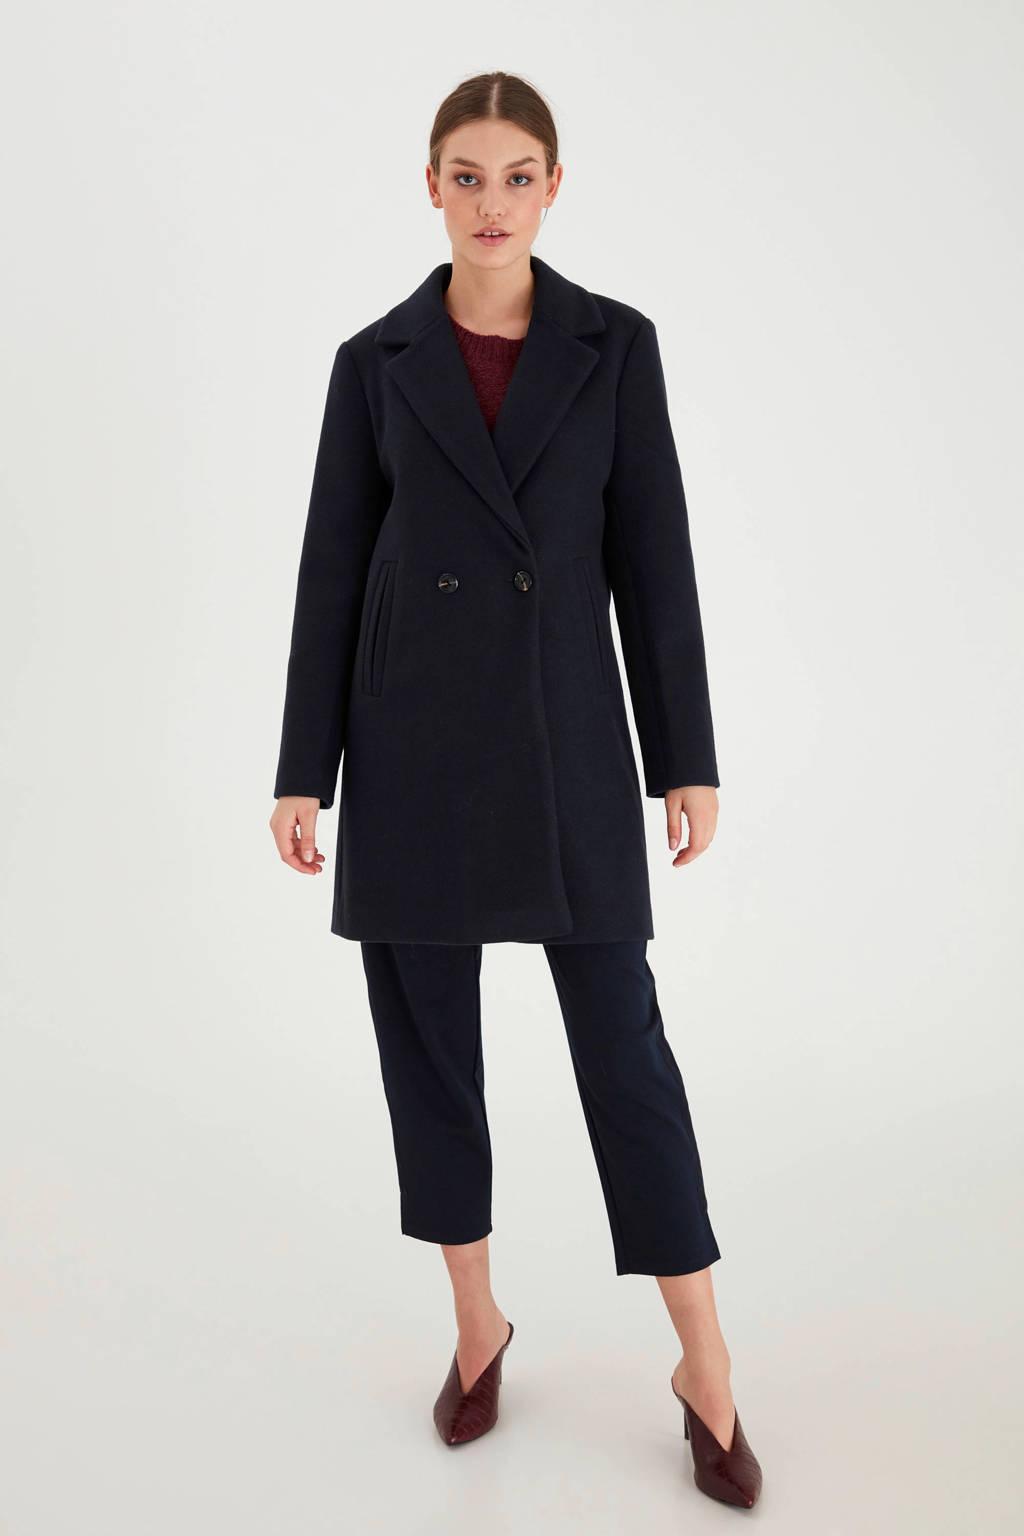 ICHI coat IHJANNET JA 194008 black, 194008 Black